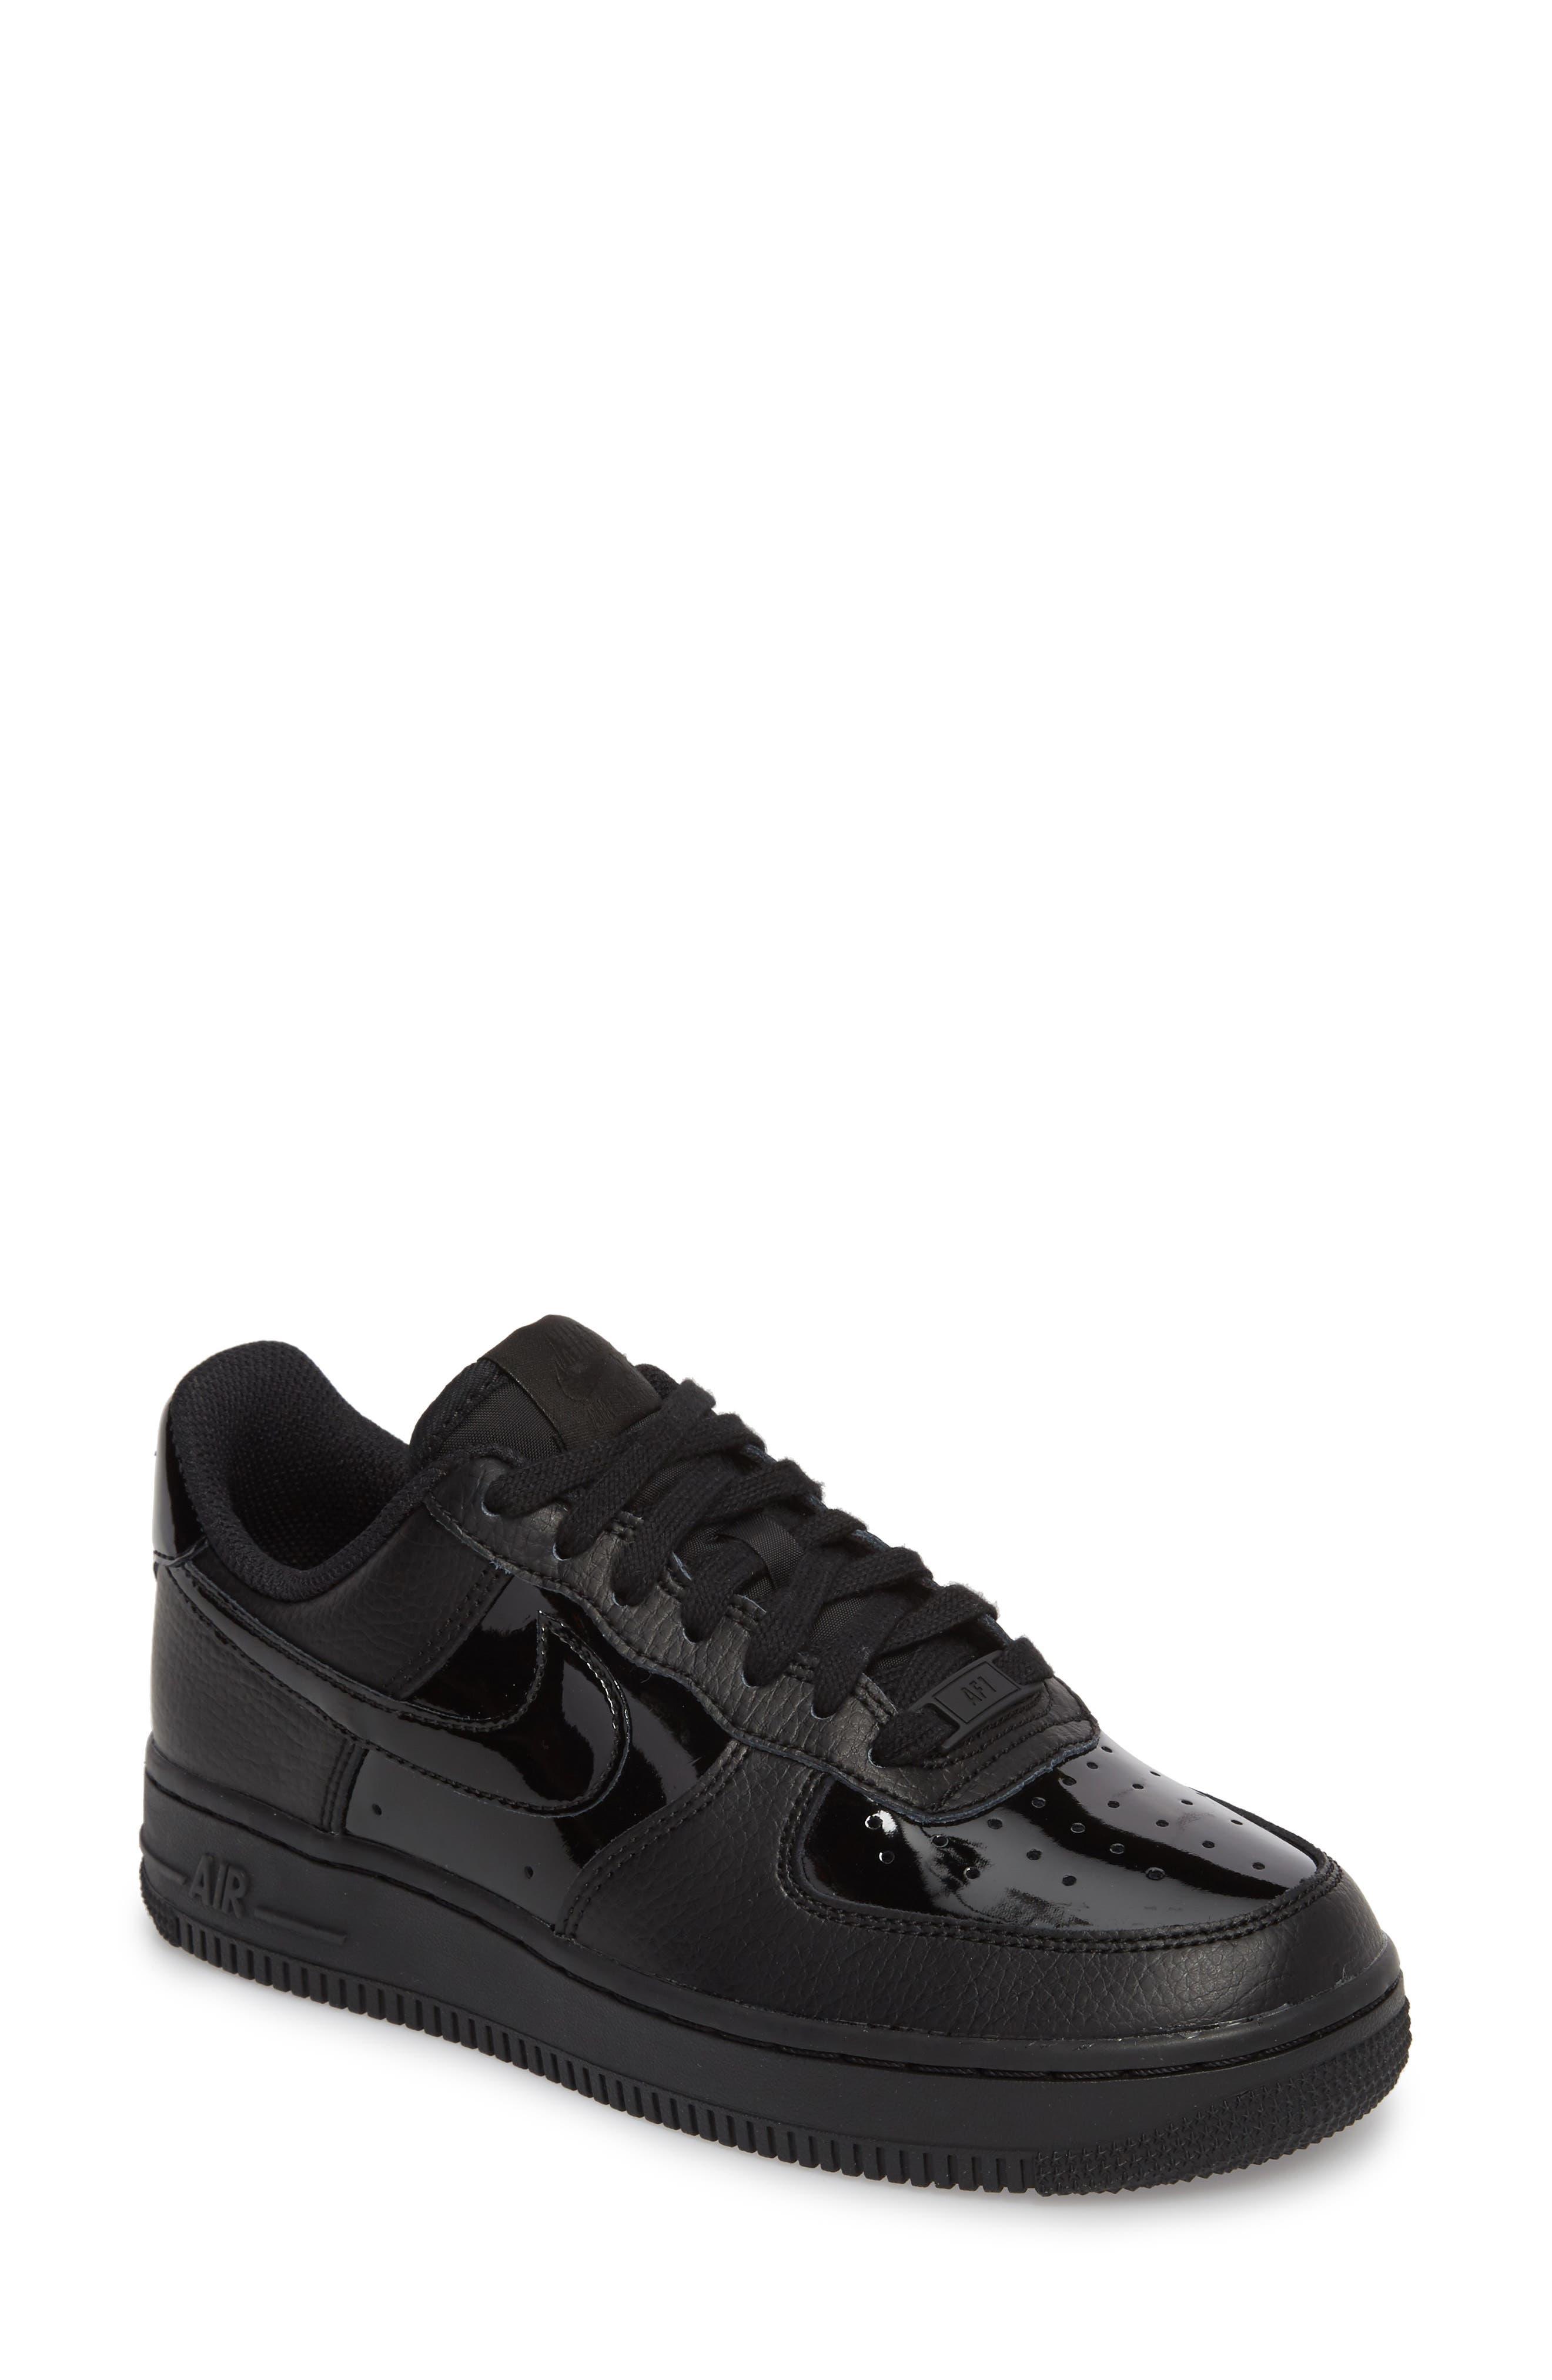 Main Image - Nike Air Force 1 '07 Patent Sneaker (Women)